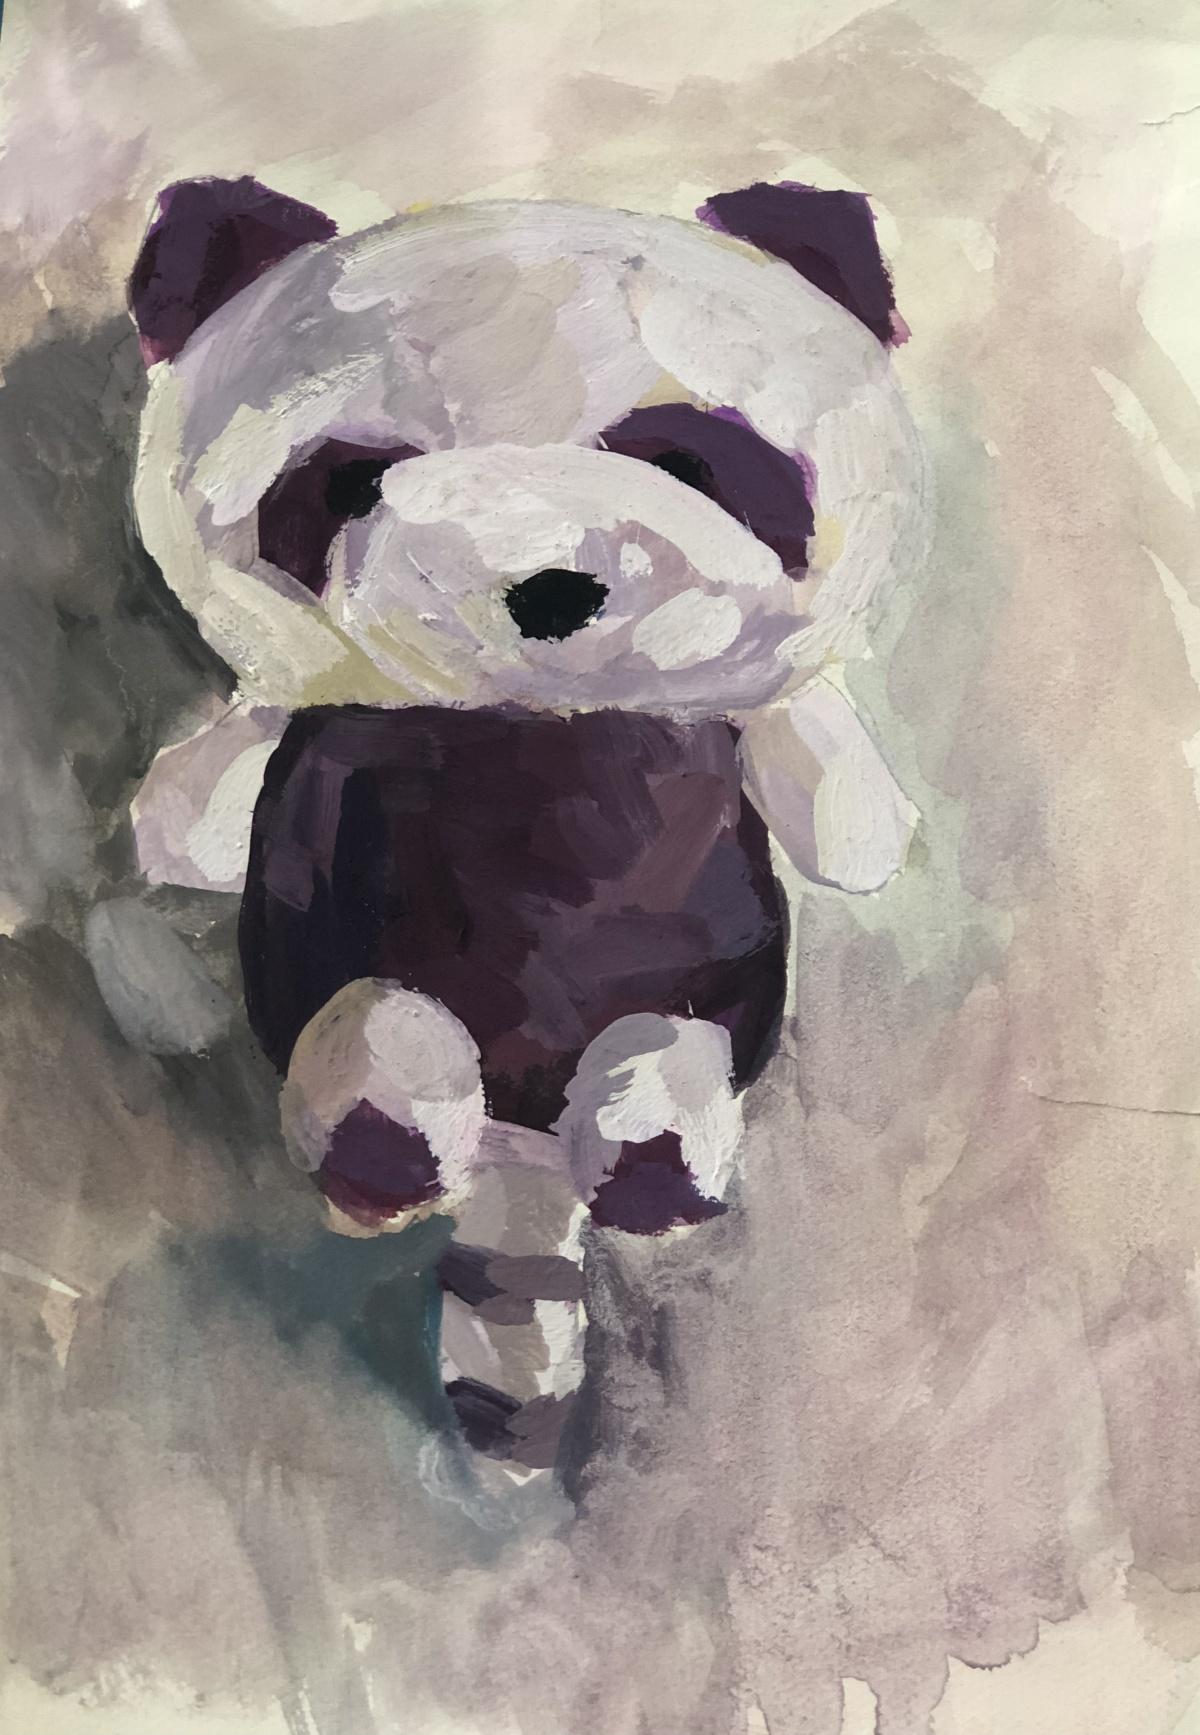 作品名称可爱的小浣熊 作者张舒媛年龄9岁 家长联系方式 18610718648学校大兴区瀛海镇第一中心小学 指导教师张然.jpg